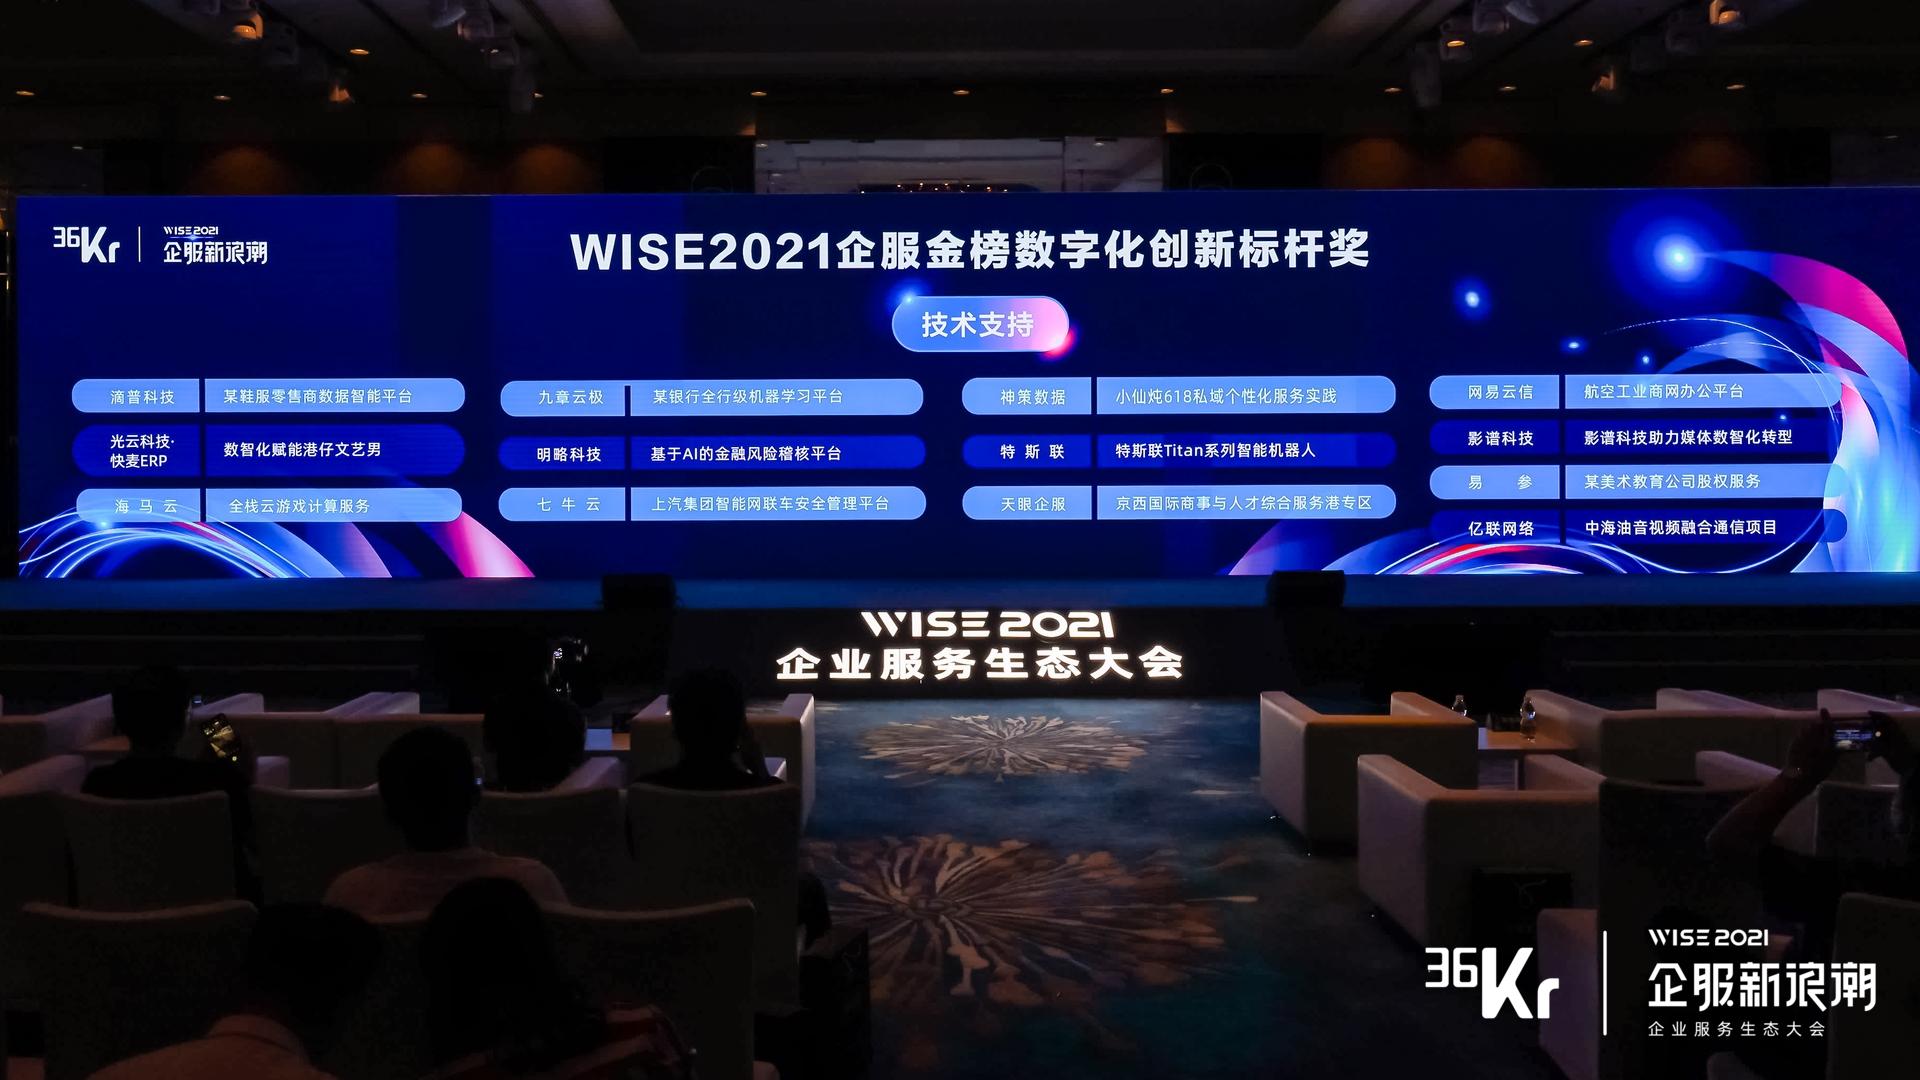 众合云科再度荣登36氪「WISE2021企服金榜」,获数字化创新标杆奖